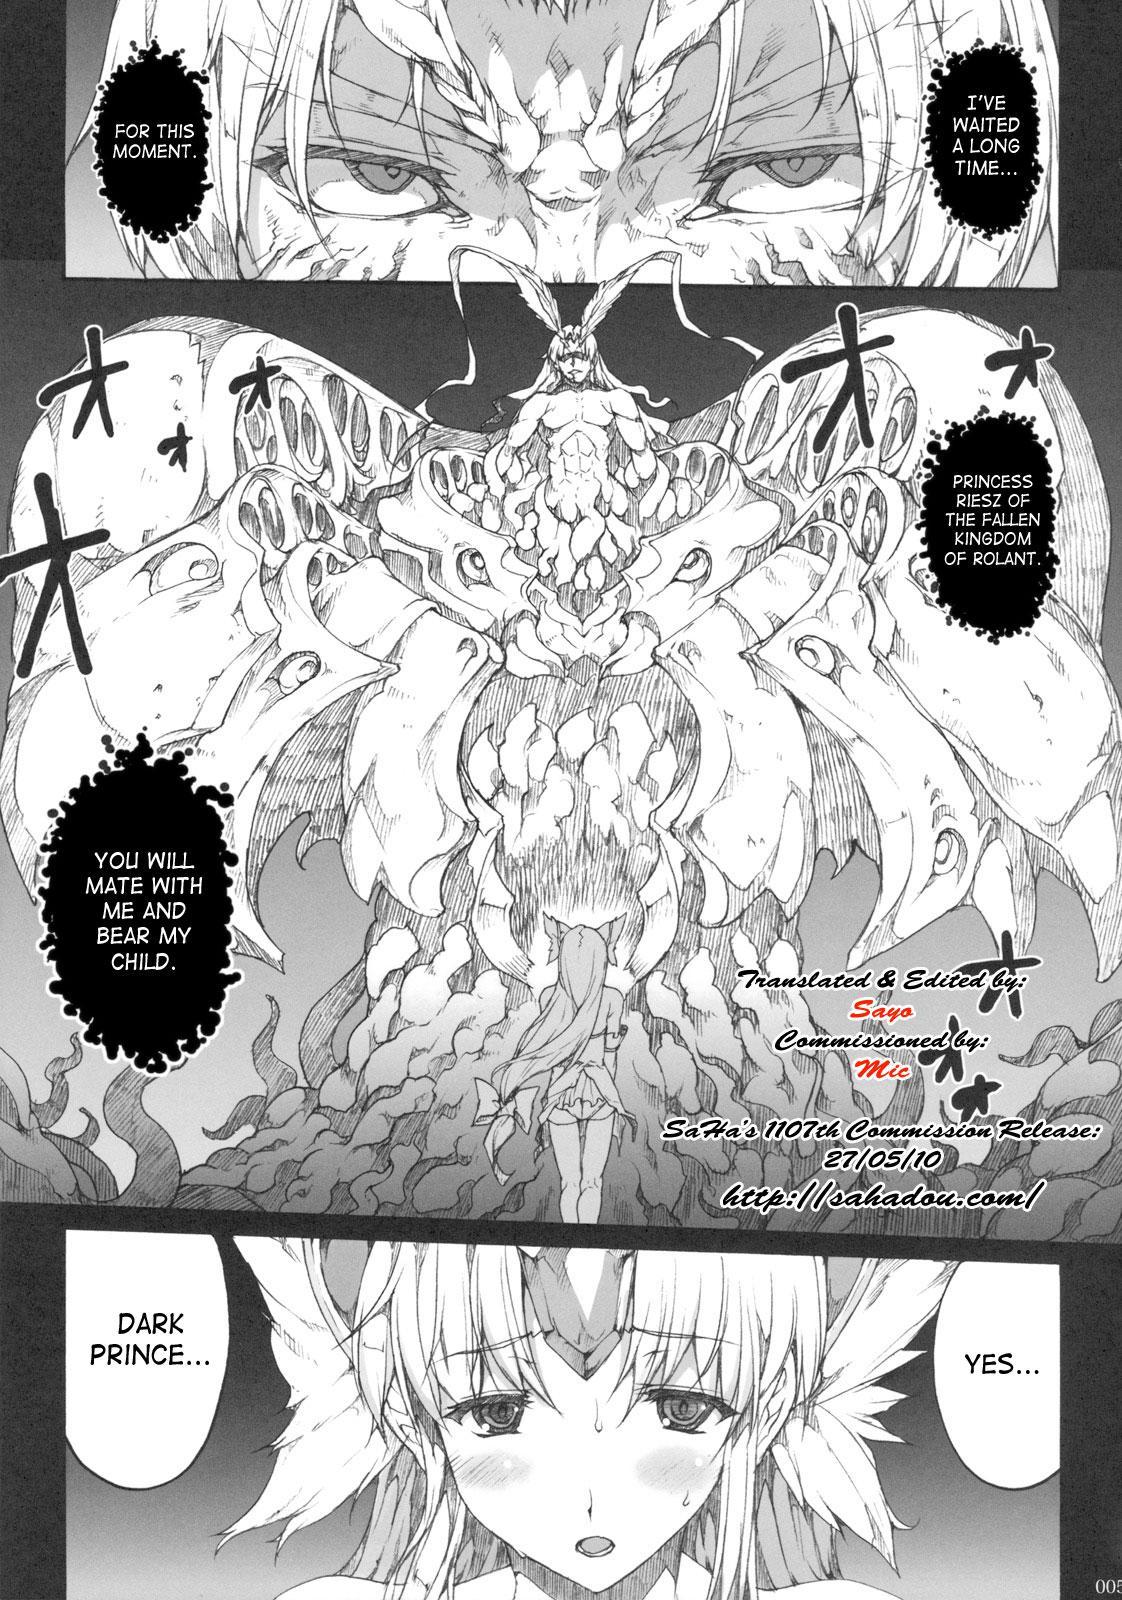 Injiru Oujo IV - Erotic Juice Princess 4 3